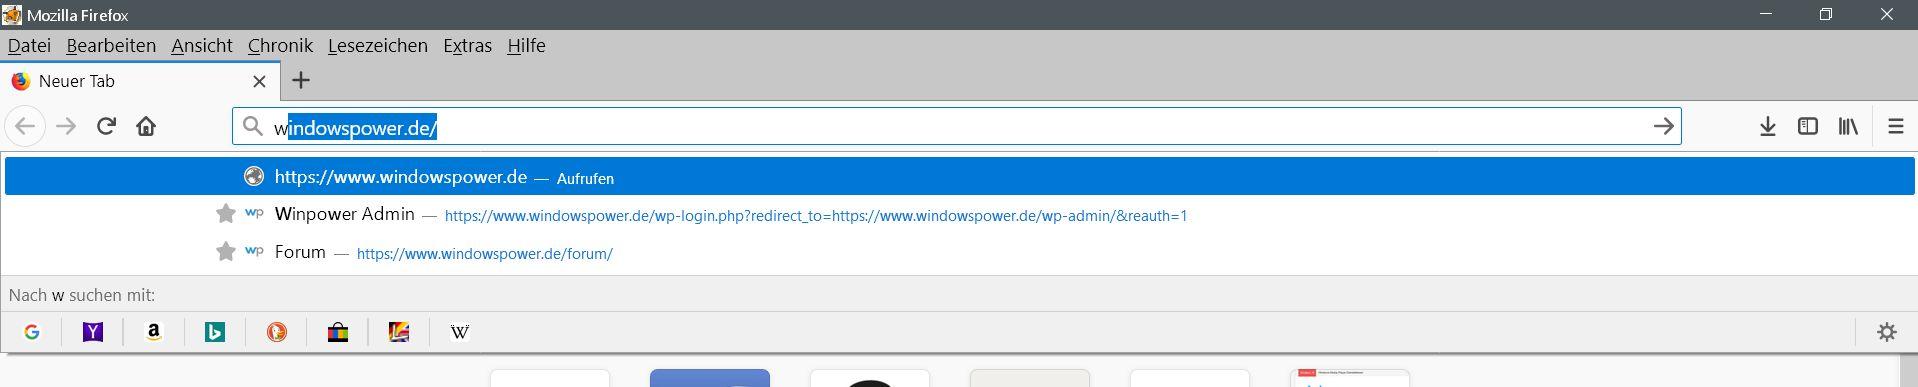 adressleiste vorschlaege - Firefox Die Suchmaschinen Auswahl in der Adressleiste ausblenden